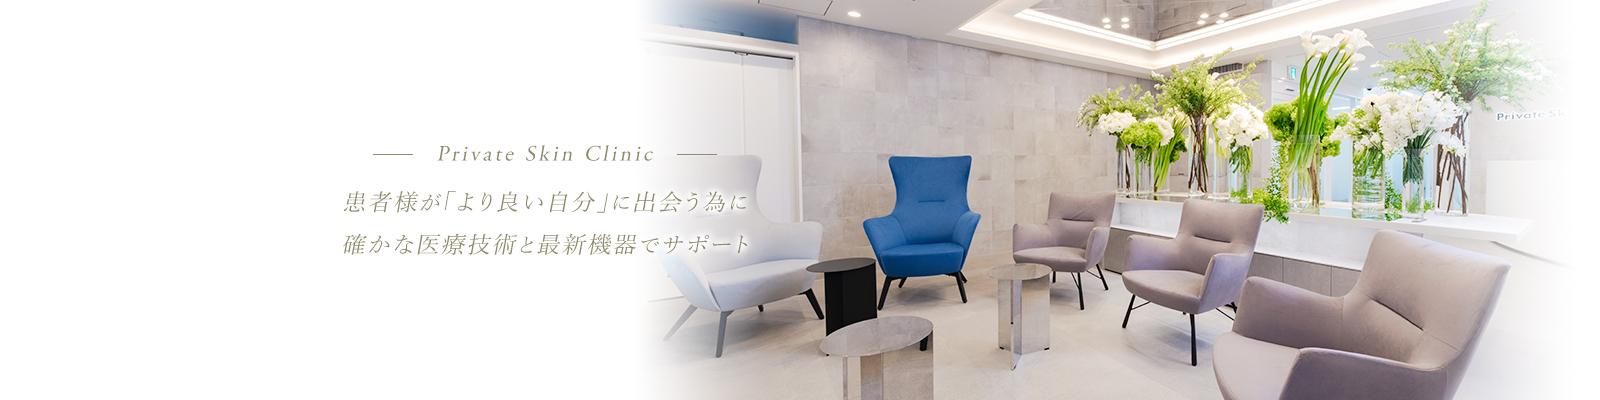 美容外科 大阪・梅田のプライベートスキンクリニック 美容皮膚科